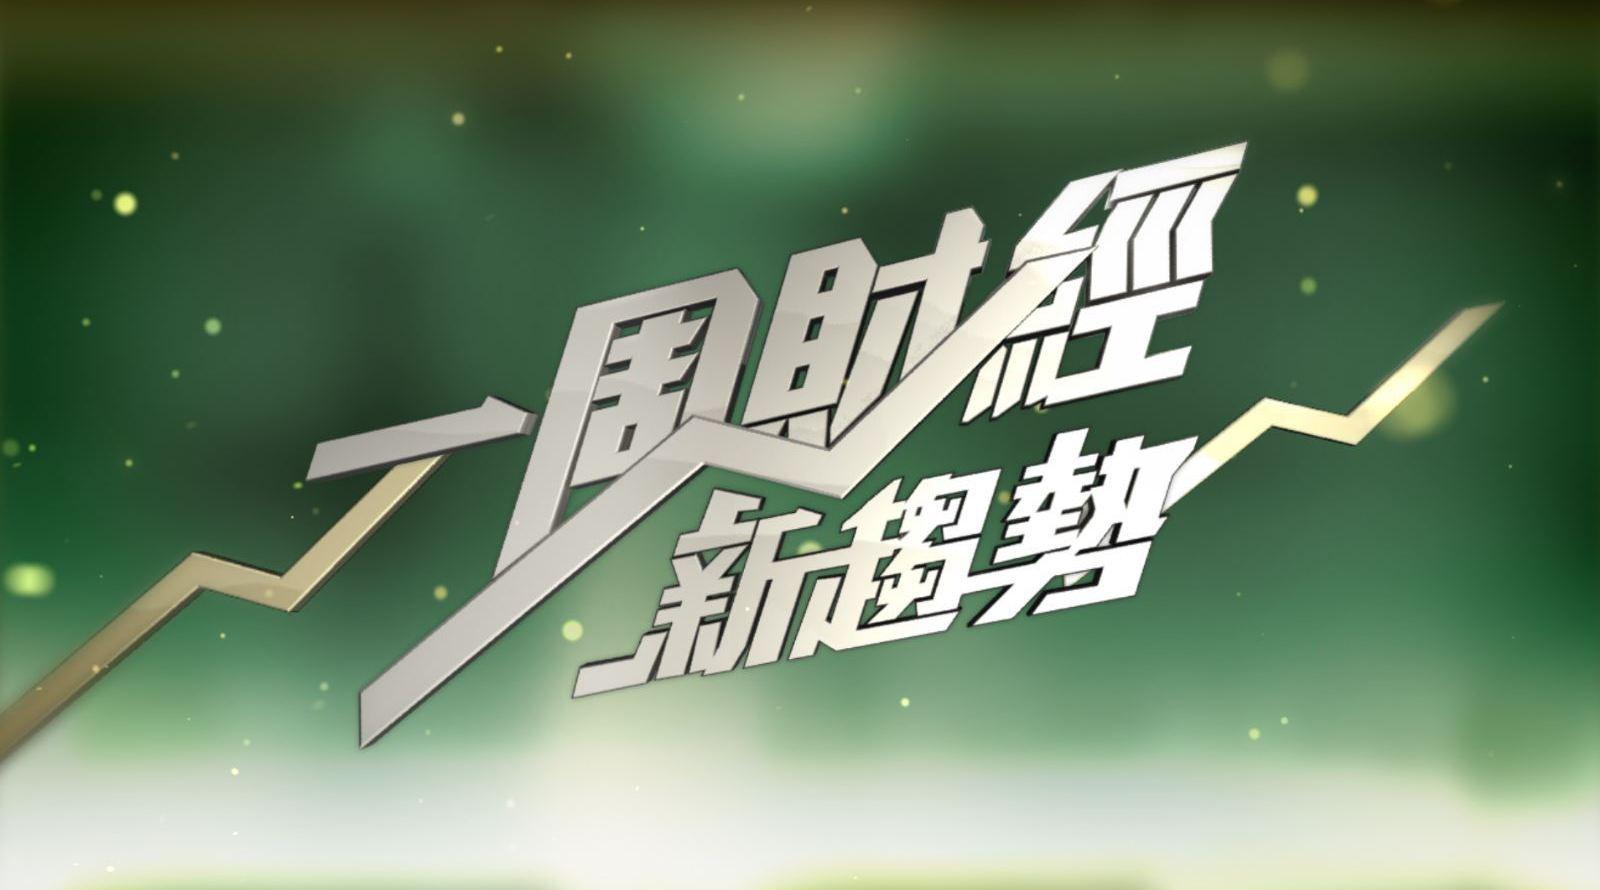 《周末财经要闻解读》20200906战舰晚评视频